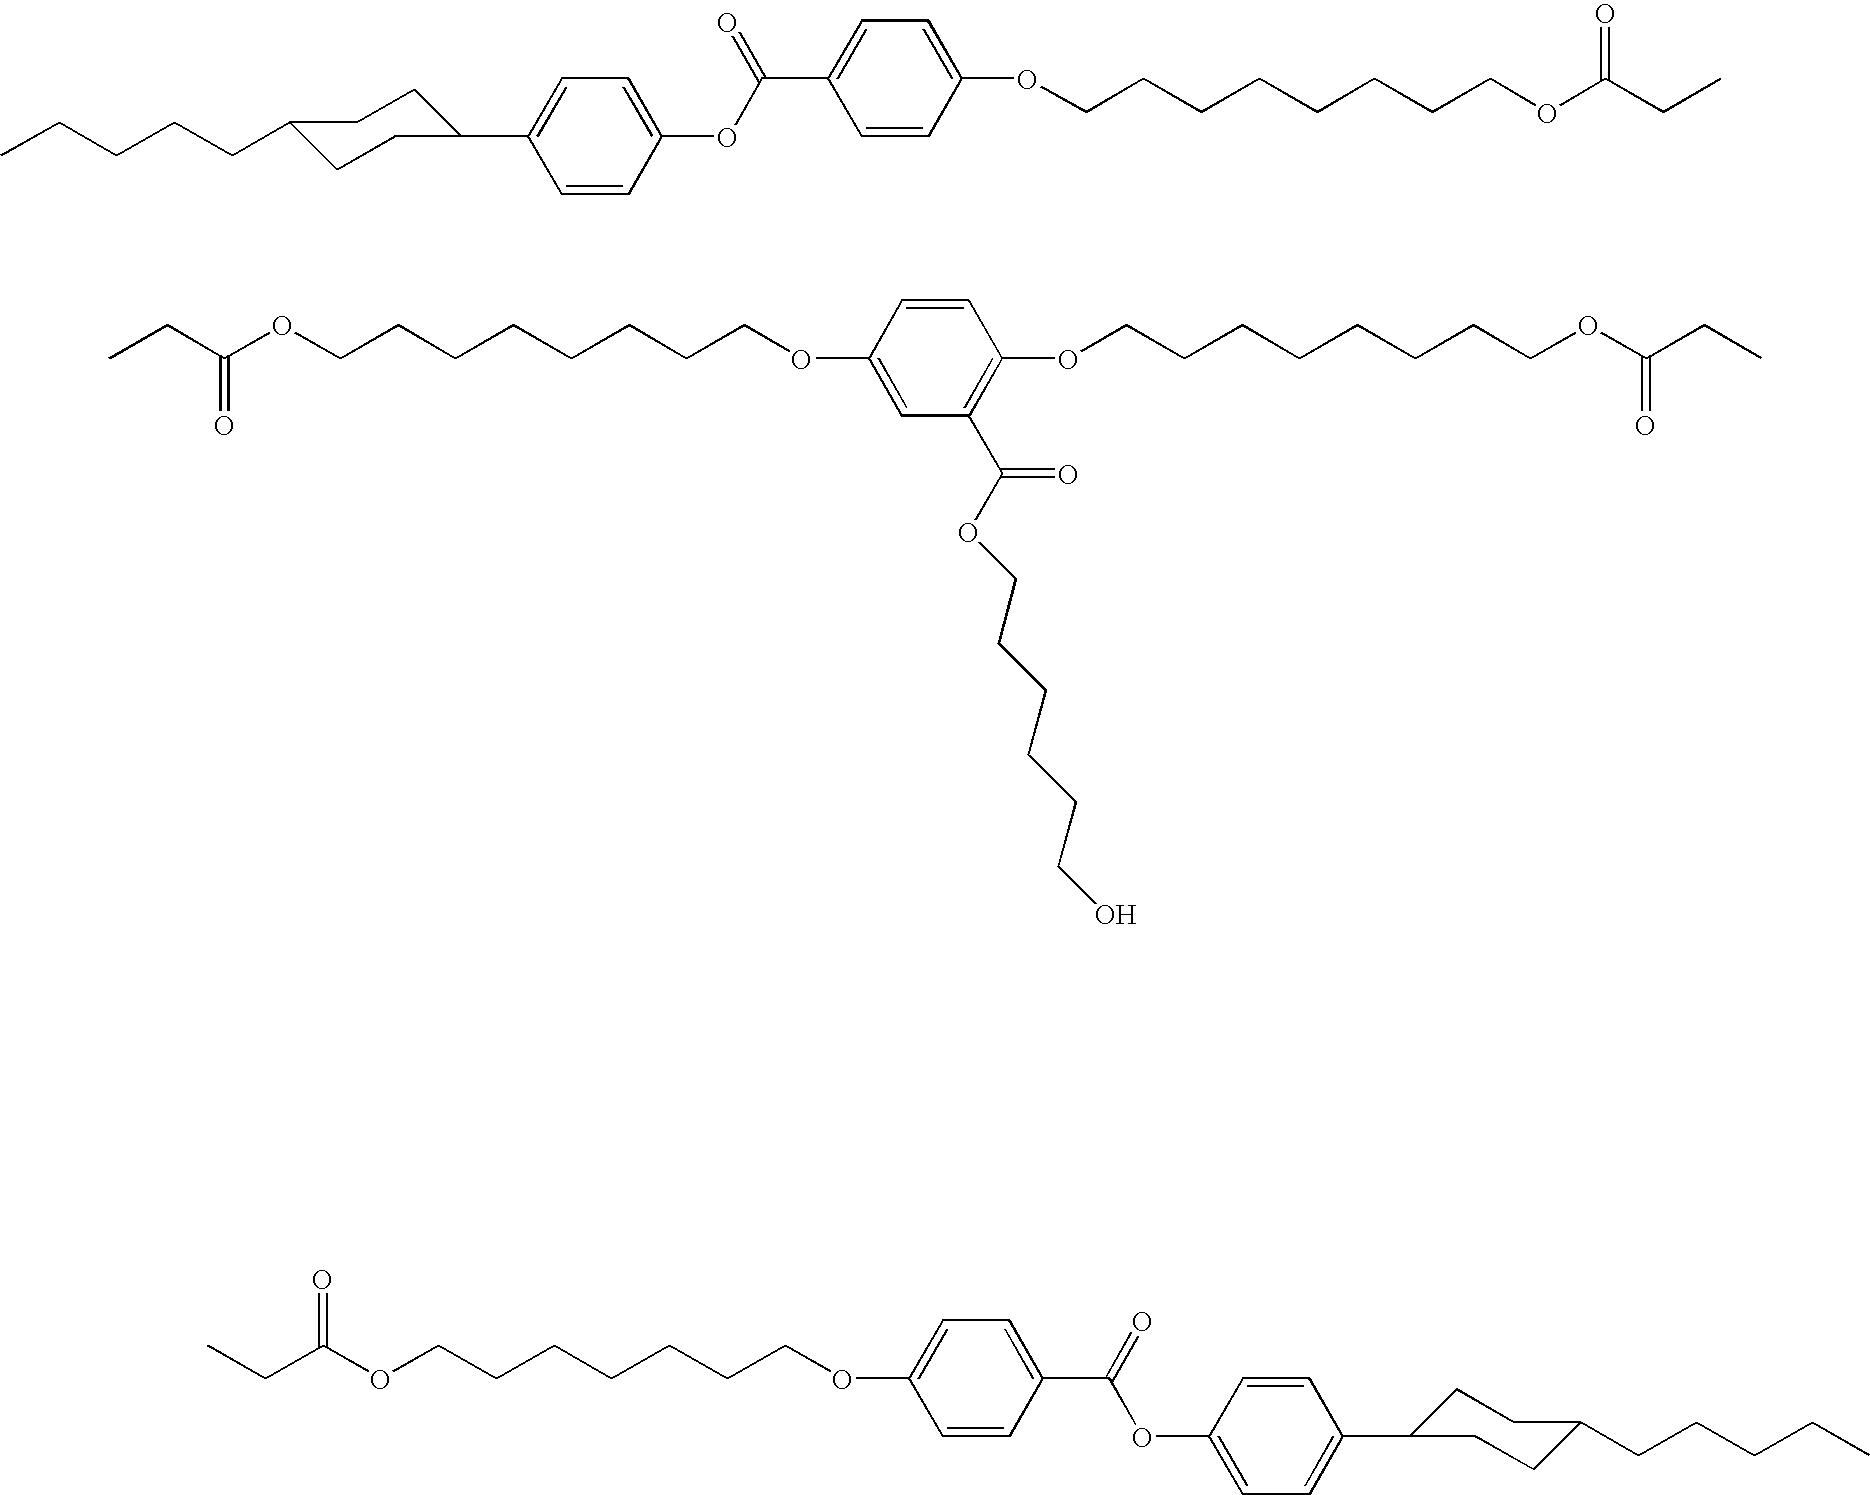 Figure US20100014010A1-20100121-C00043